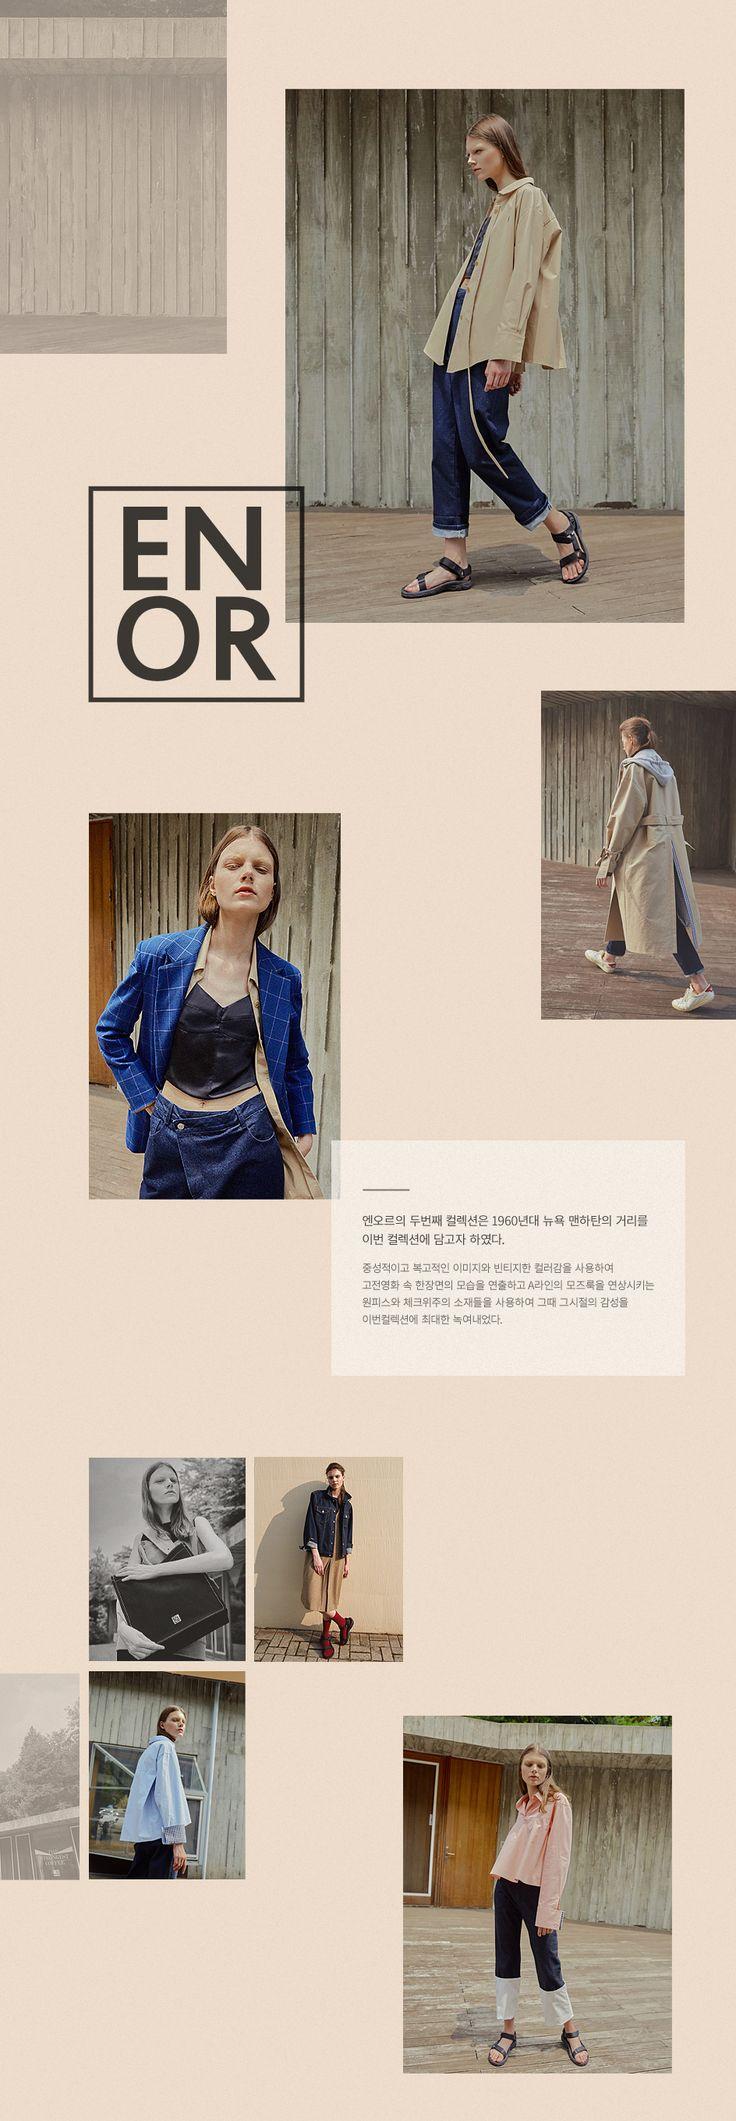 WIZWID:위즈위드 - 글로벌 쇼핑 네트워크 여성 의류 우먼 패션 기획전 EN OR 틀에갖춰지지 않은 색다를 룩의 EN OR! 10%쿠폰!